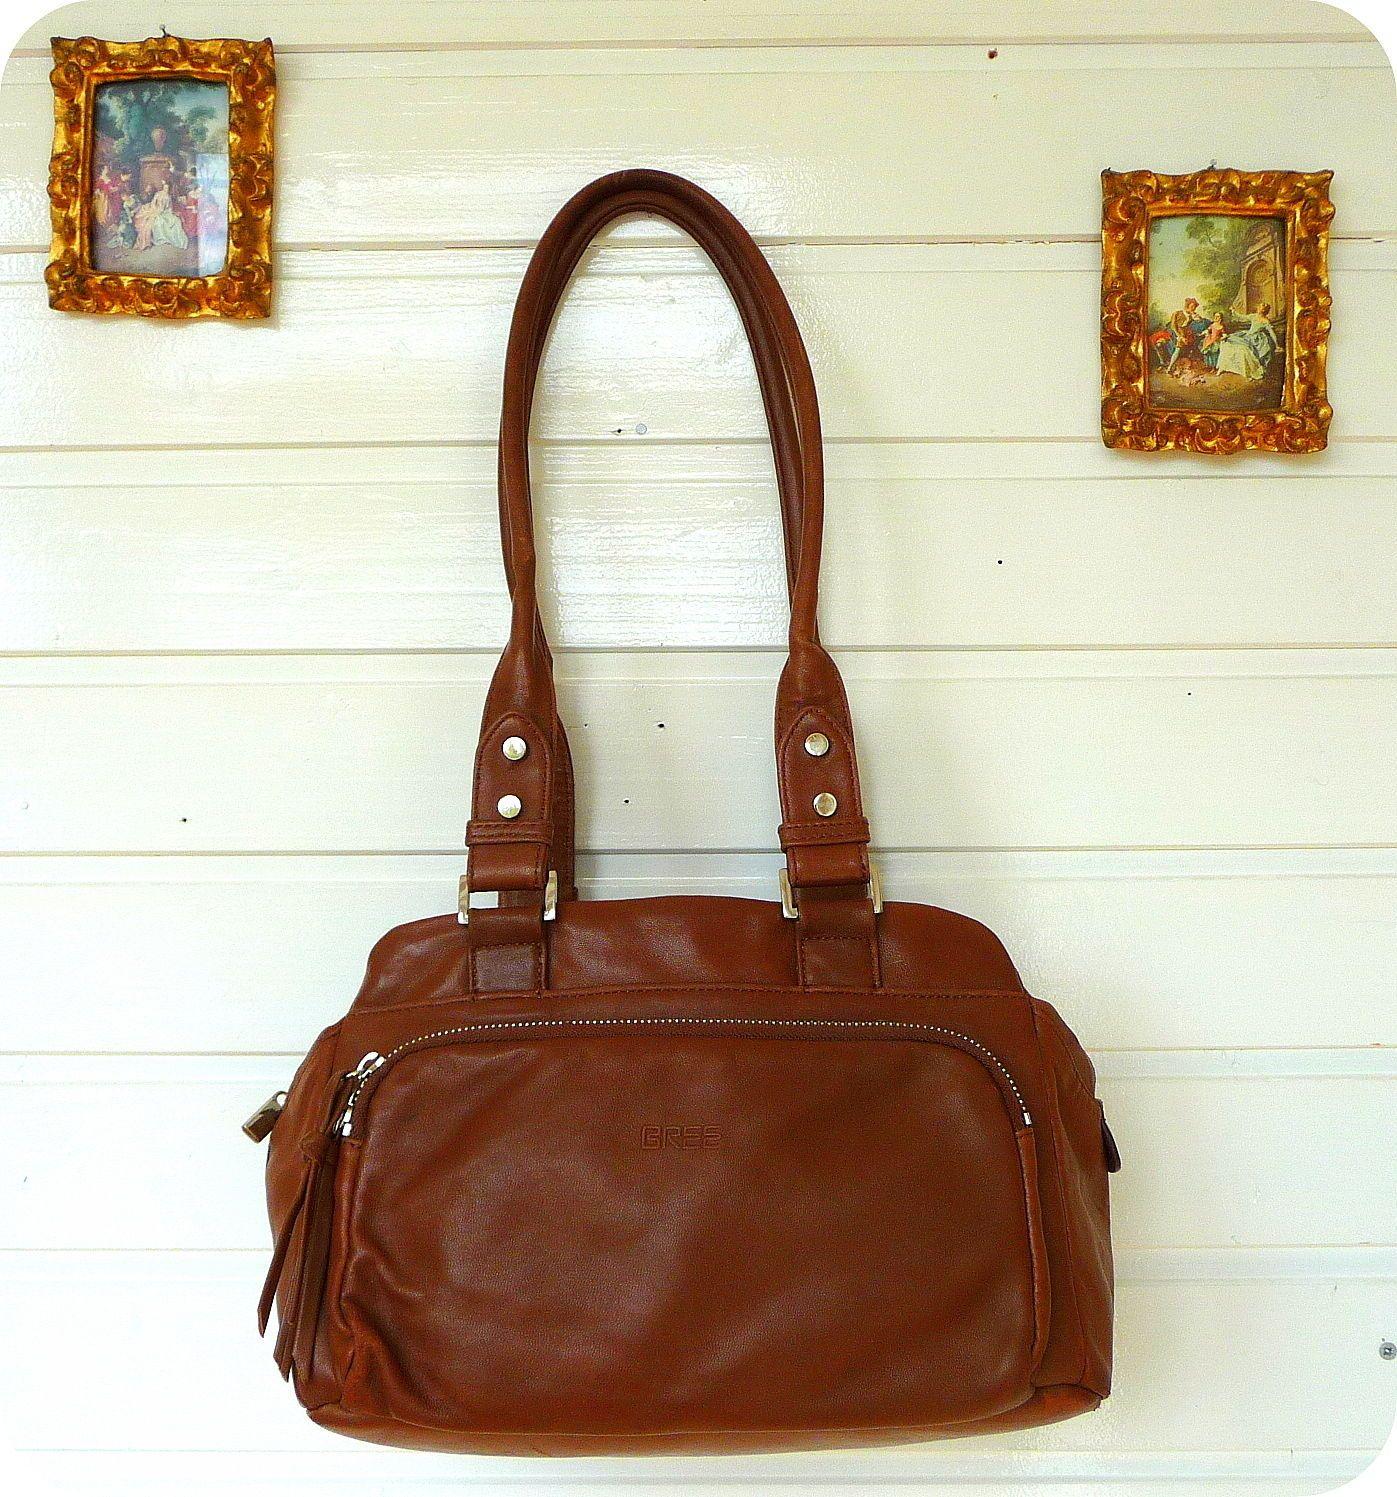 BREE Leder Tasche Schultertasche Handtasche LEATHER BAG Umhängetasche Braun   eBay